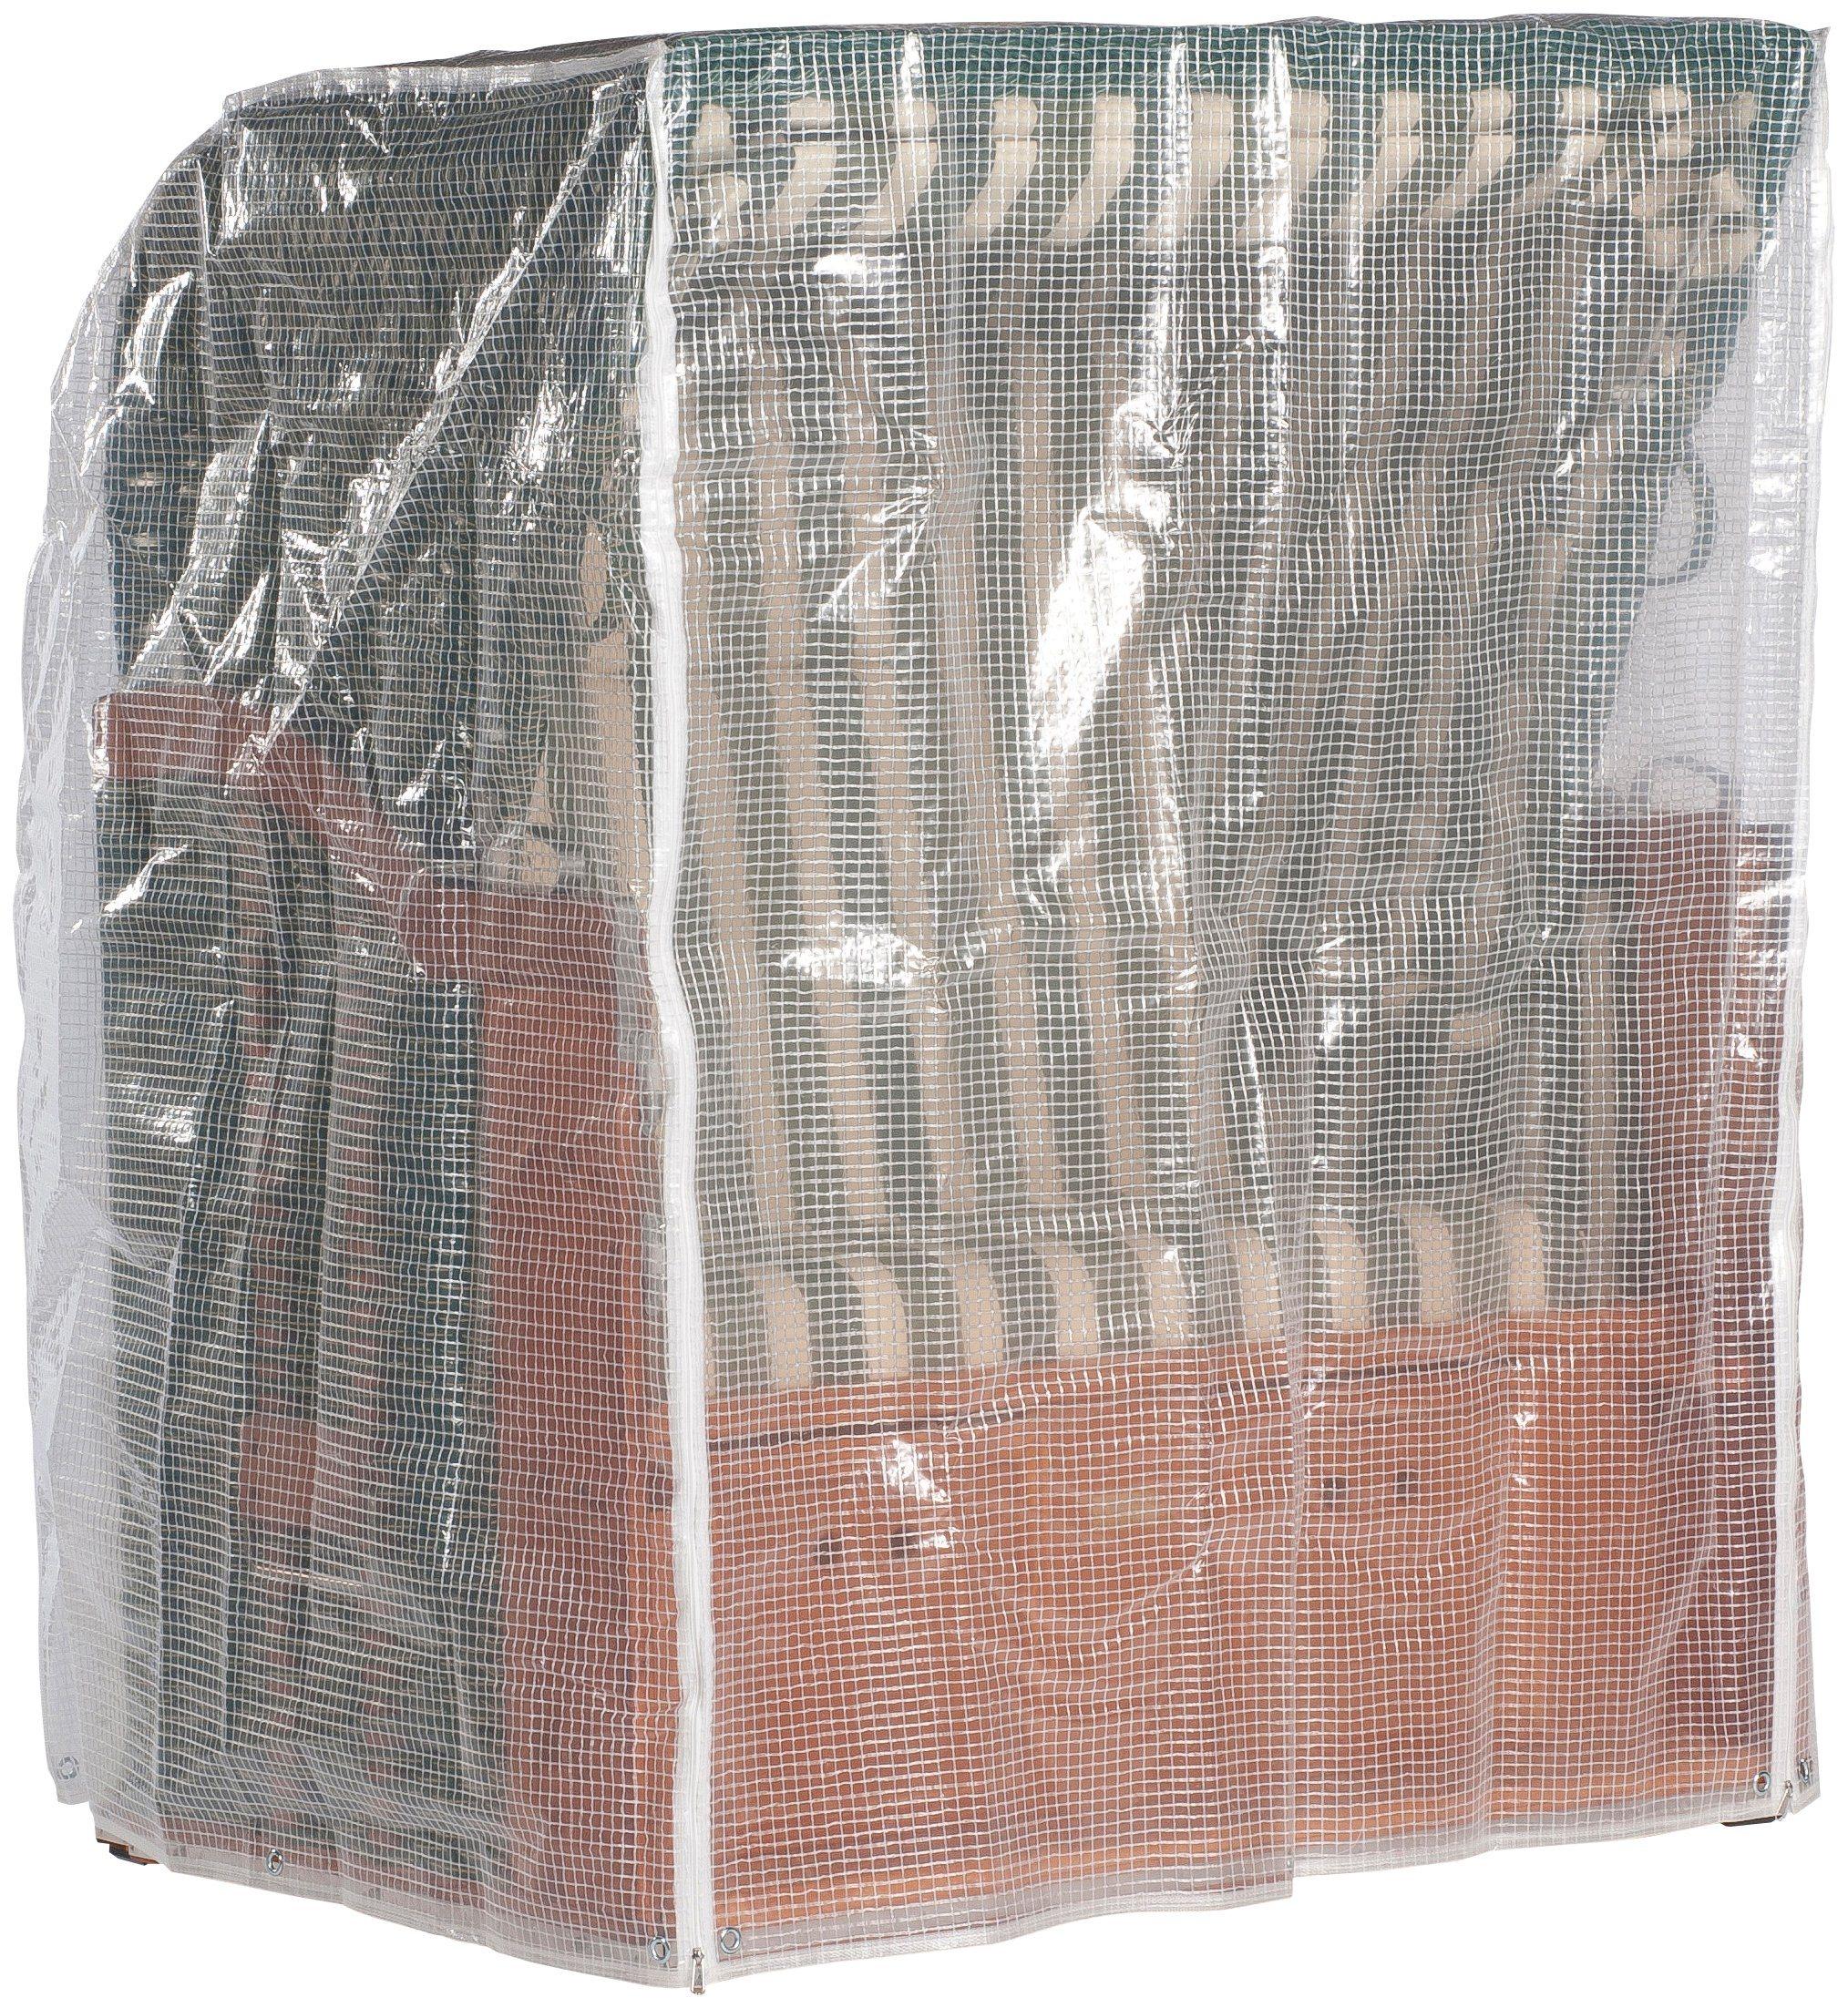 Schutzhülle, für Strandkörbe, B/T/H: 125/110/156cm, transparent